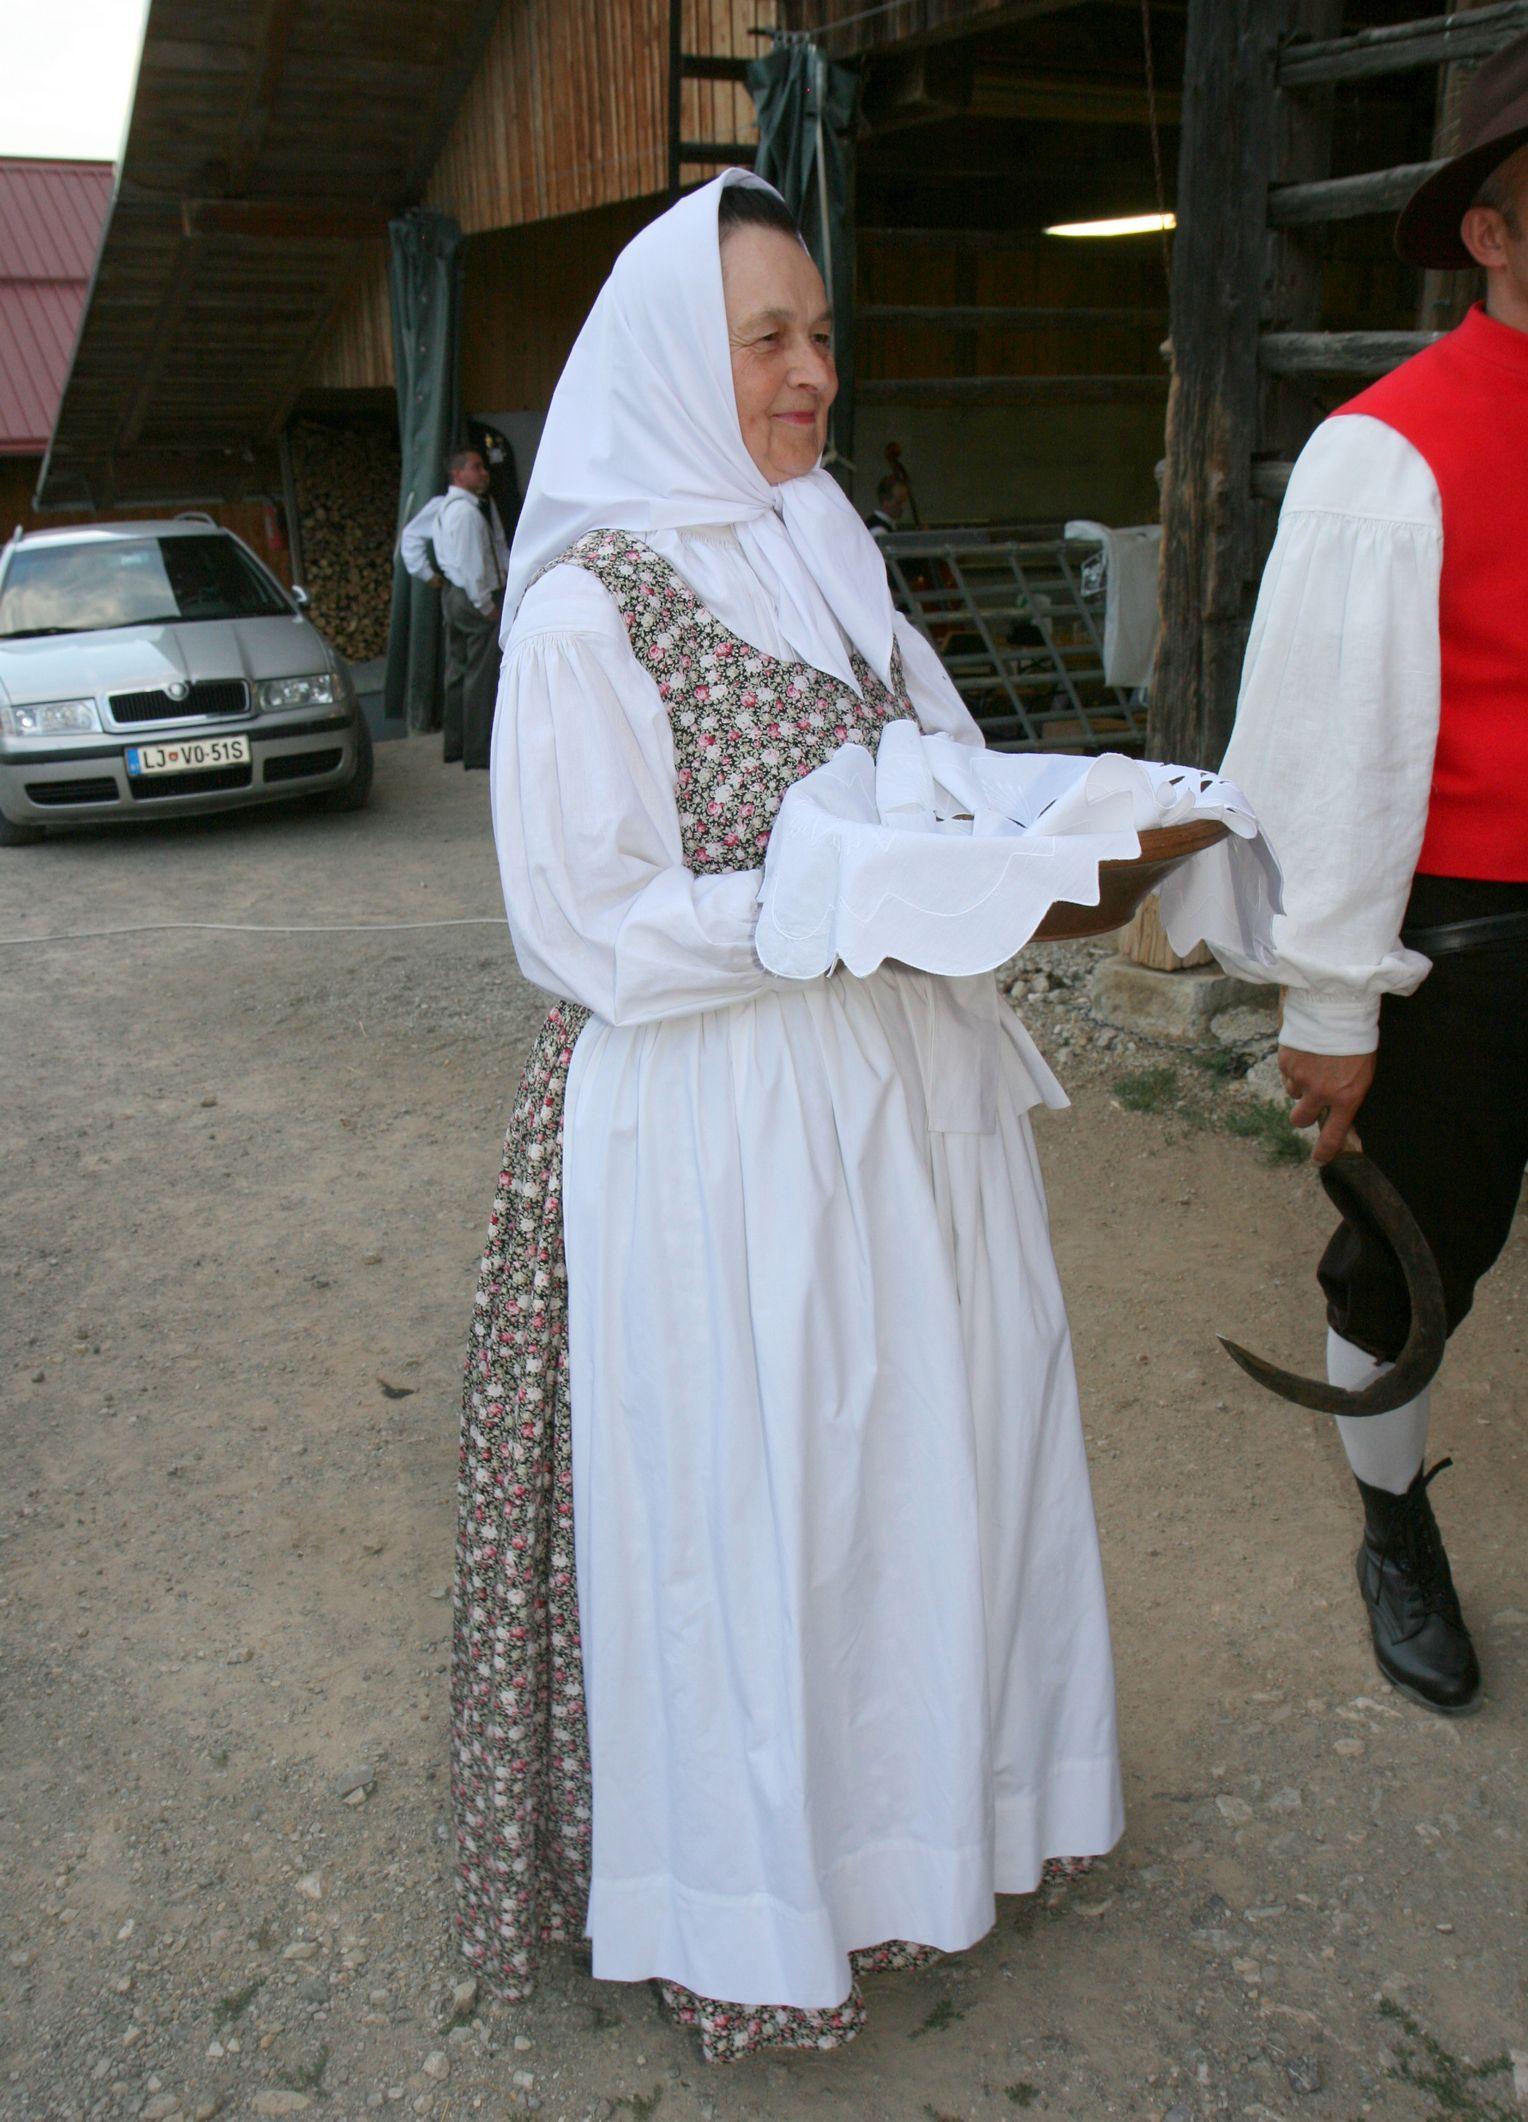 Dolgoletna predsednica Mara Okorn v folklornem kostumu